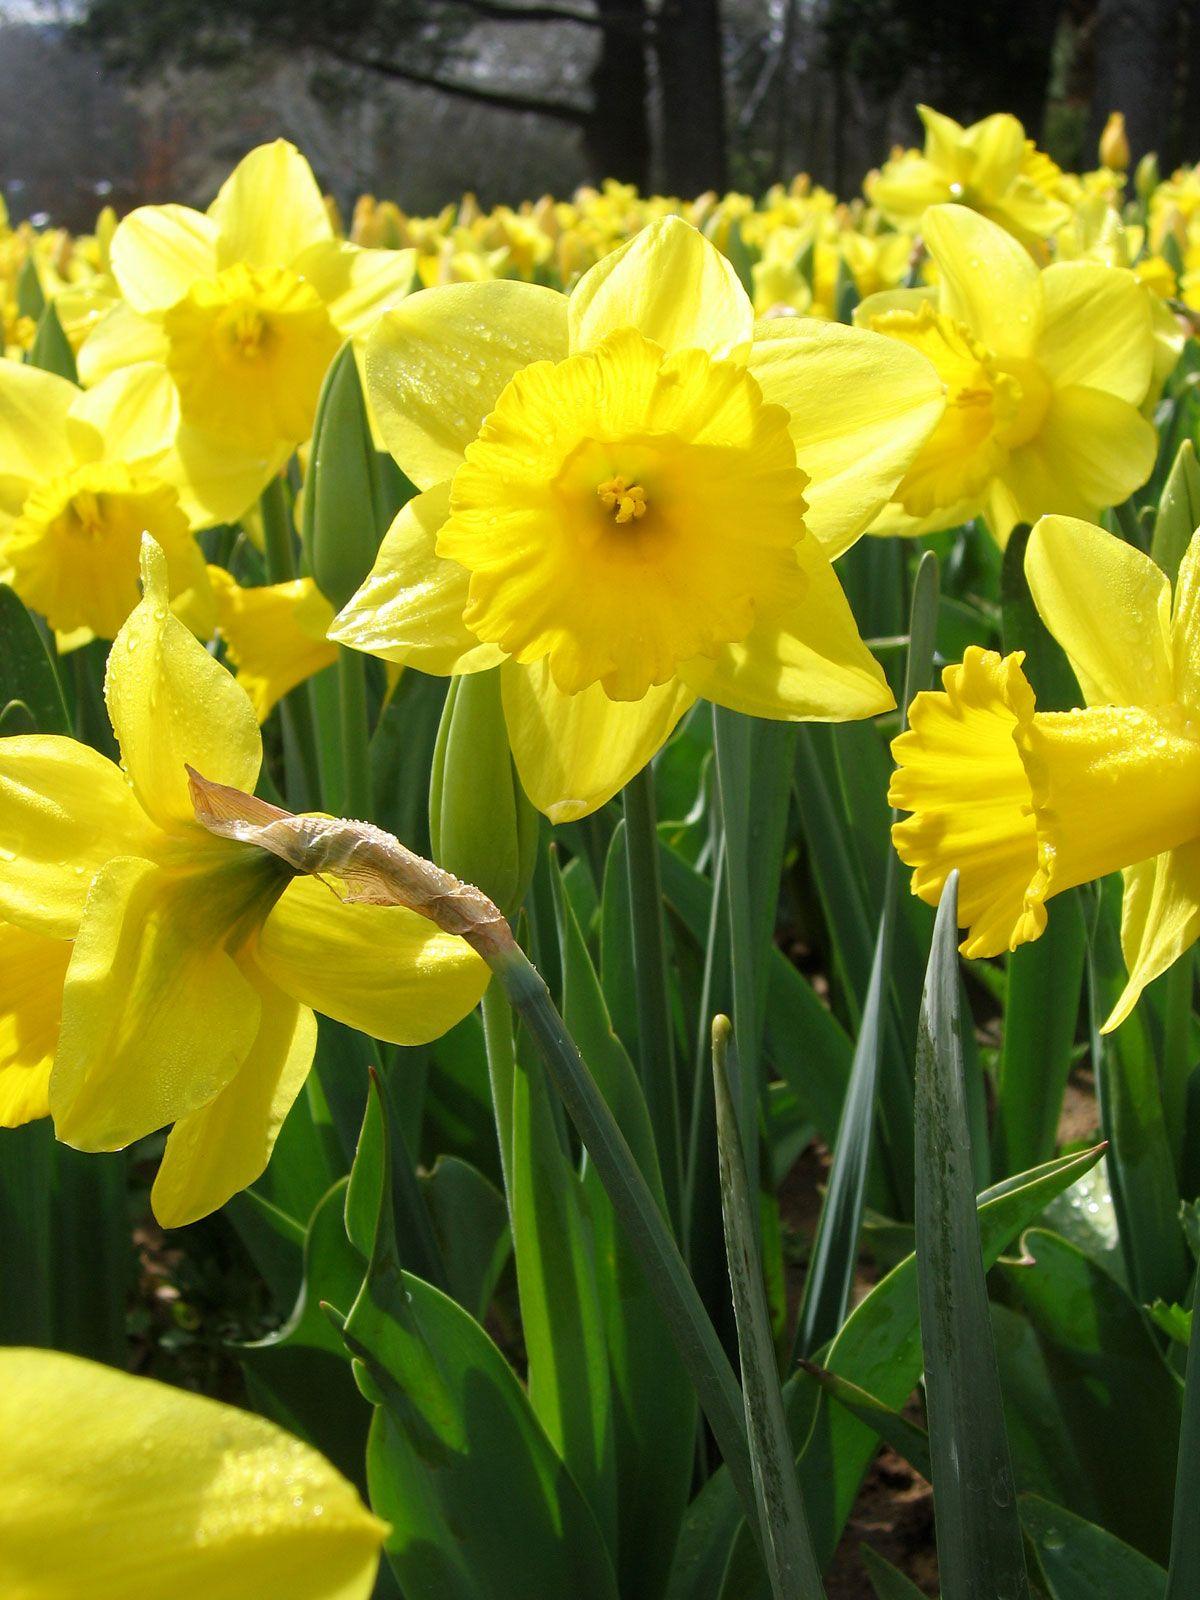 Daffodils Narcissy Cvetovodstvo Cvety